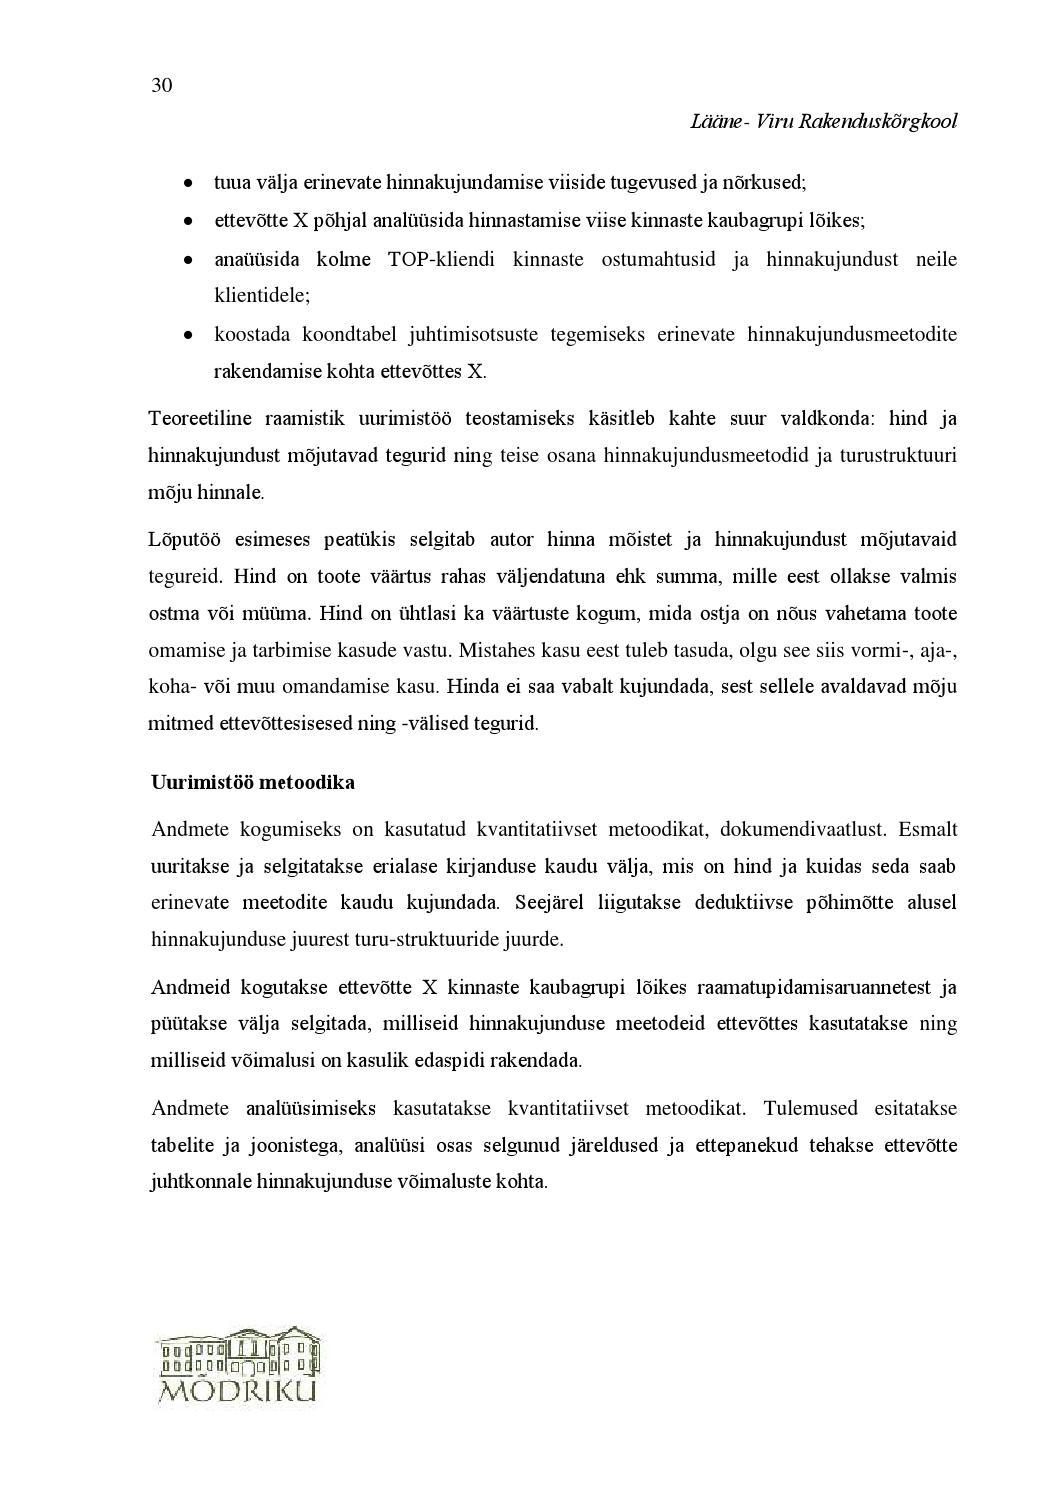 a122ebda0bd Üliõpilasuurimuste kogumik VI 2013 by Heve Kirikal - issuu